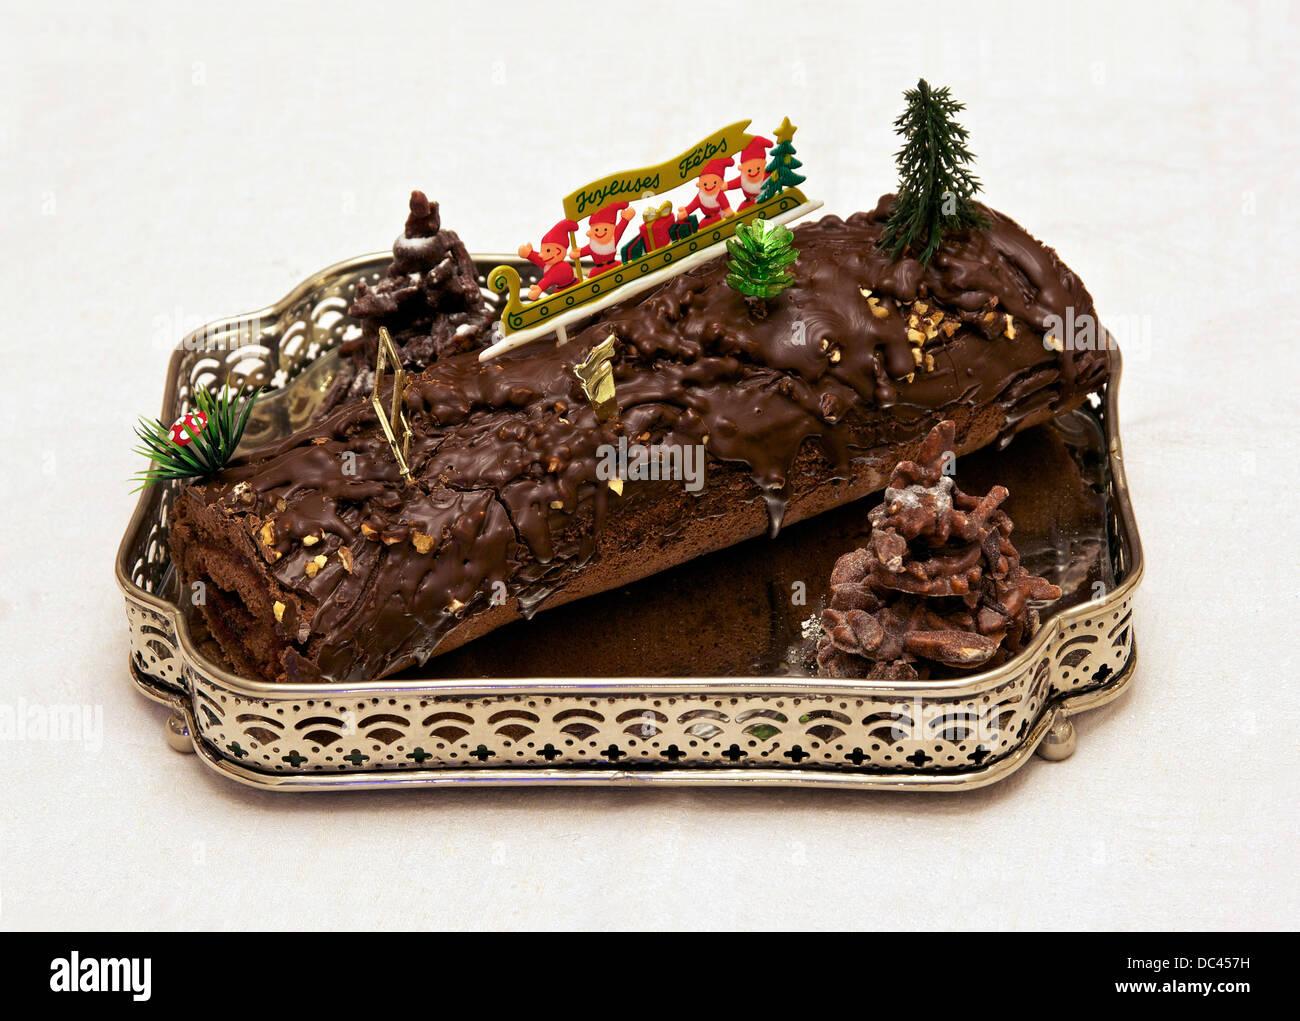 """""""Bûche de Noël"""" (bûche de Noël), c'est un Chocolat noir fourré de confiture Photo Stock"""